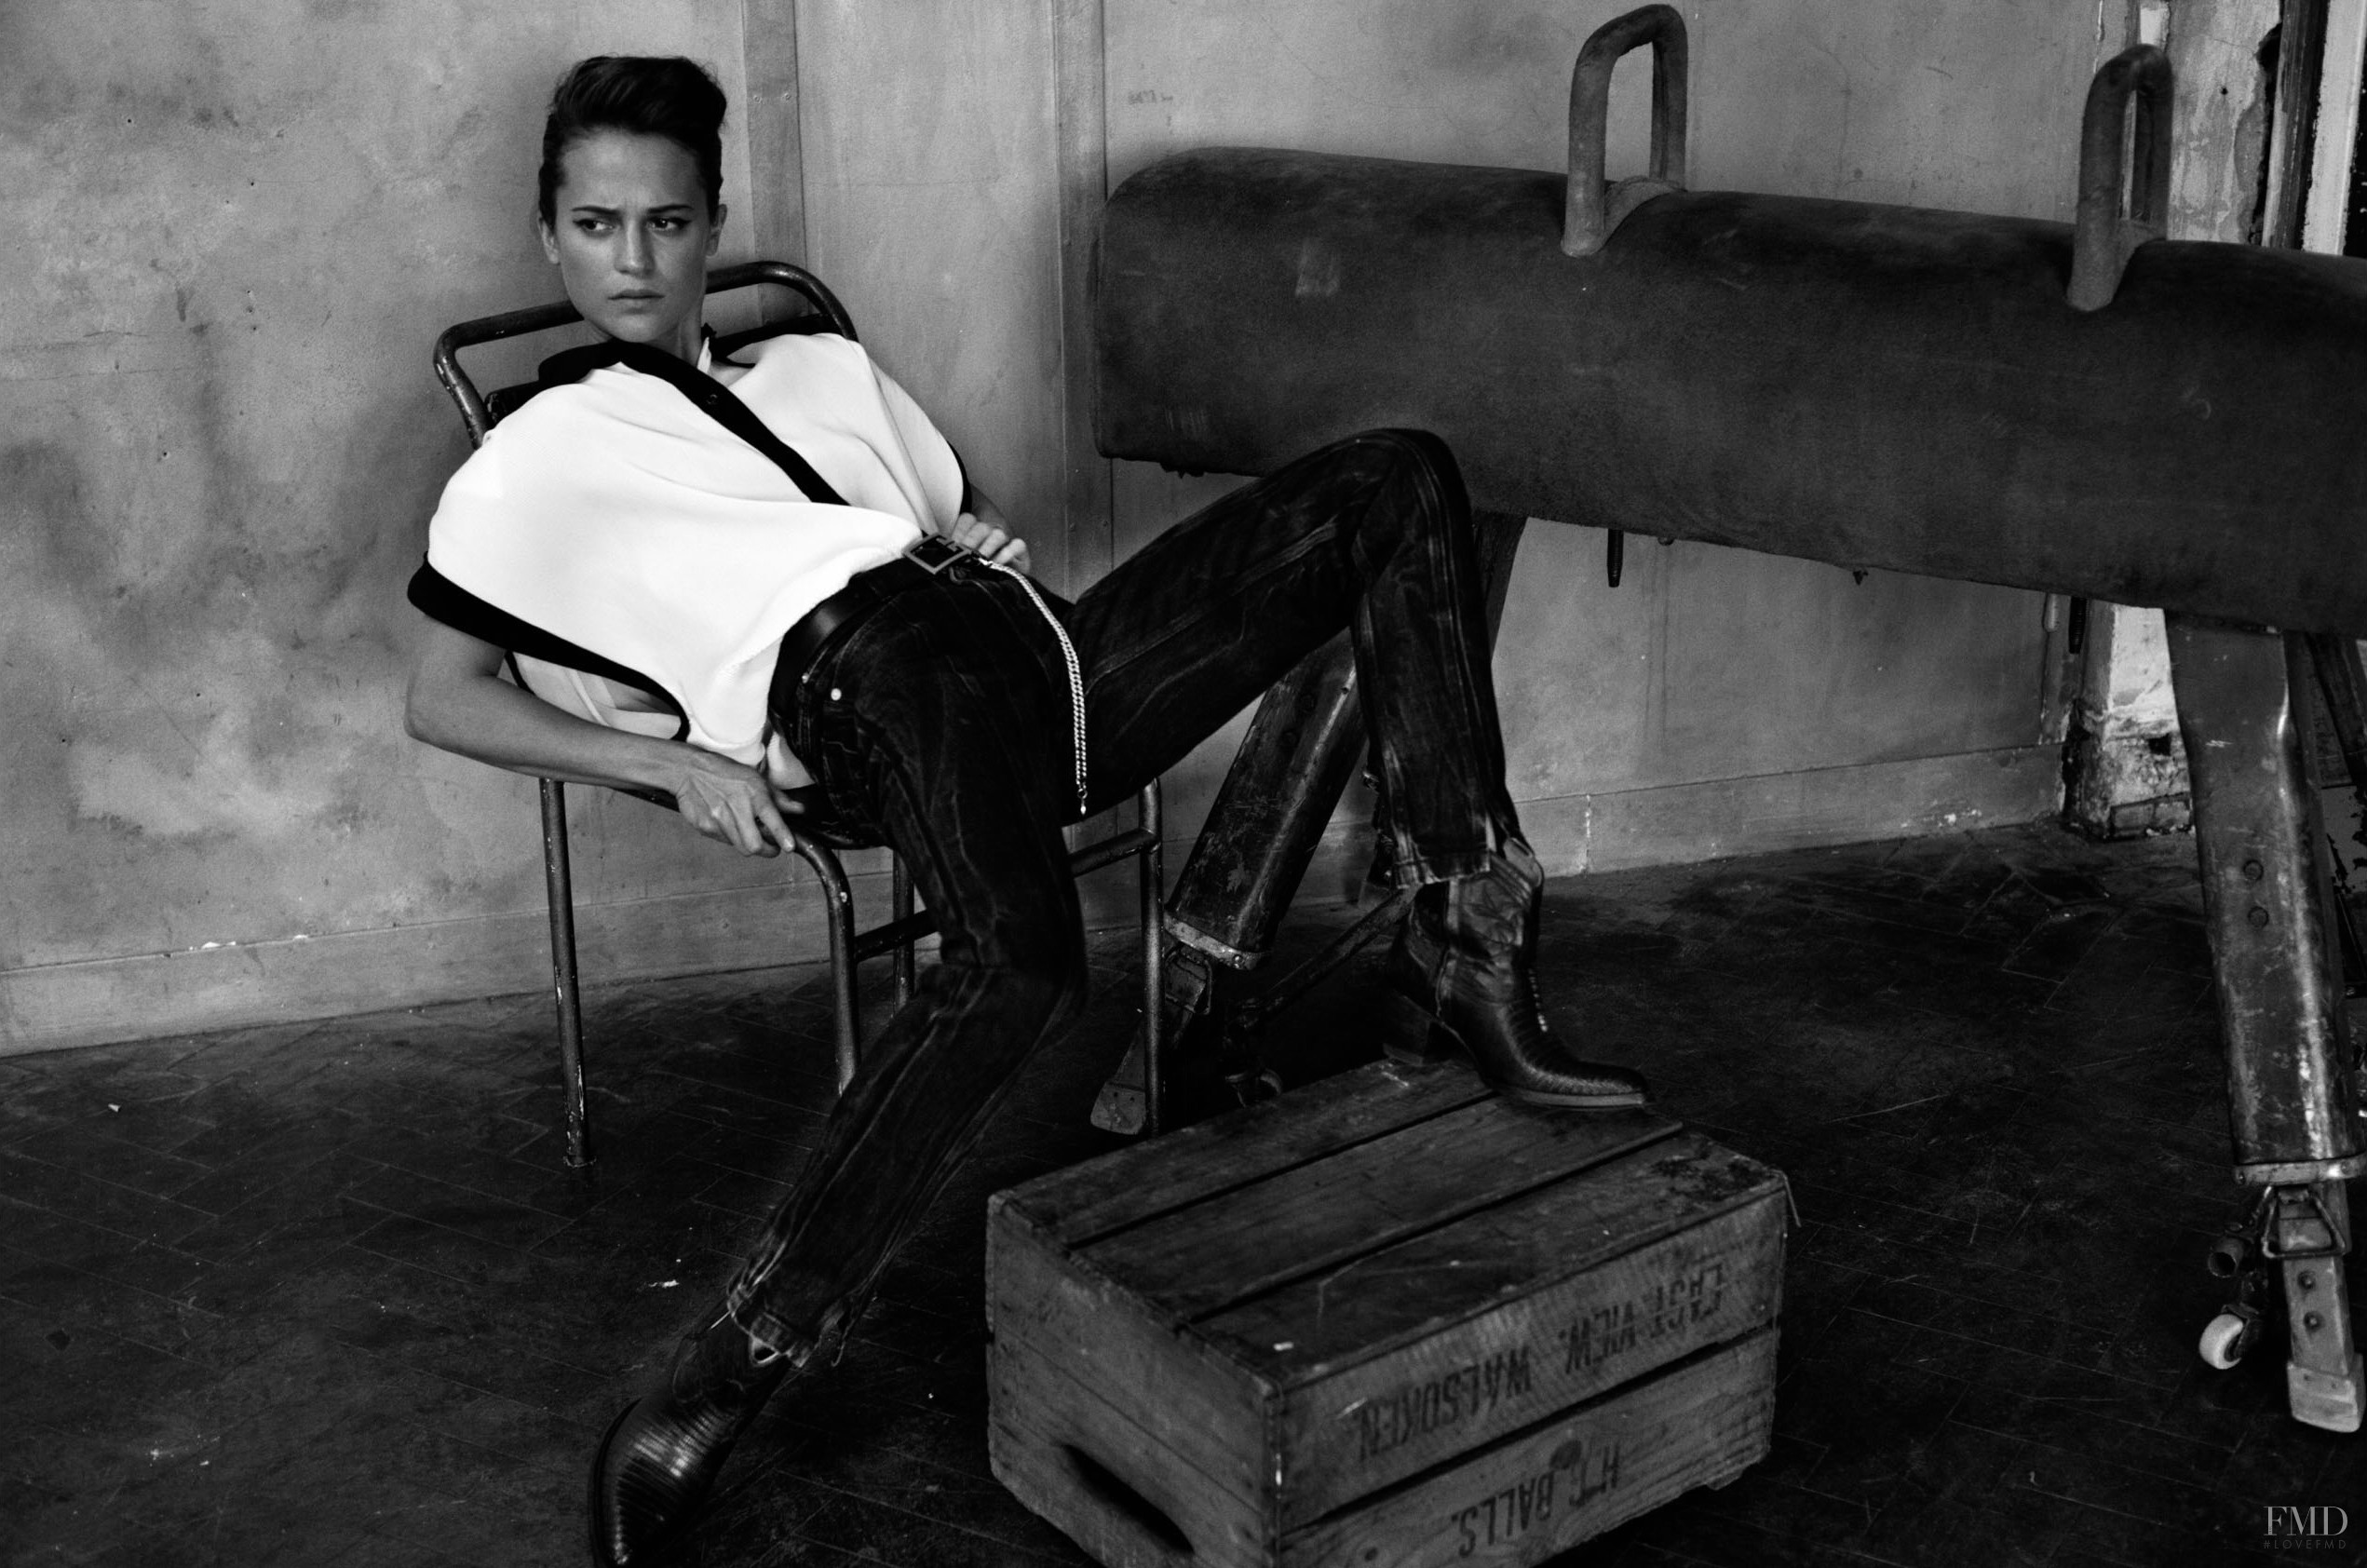 Алисия Викандер в фотосессии Elle UK (апрель 2018) - модный образ в джинсах и ковбойских сапогах